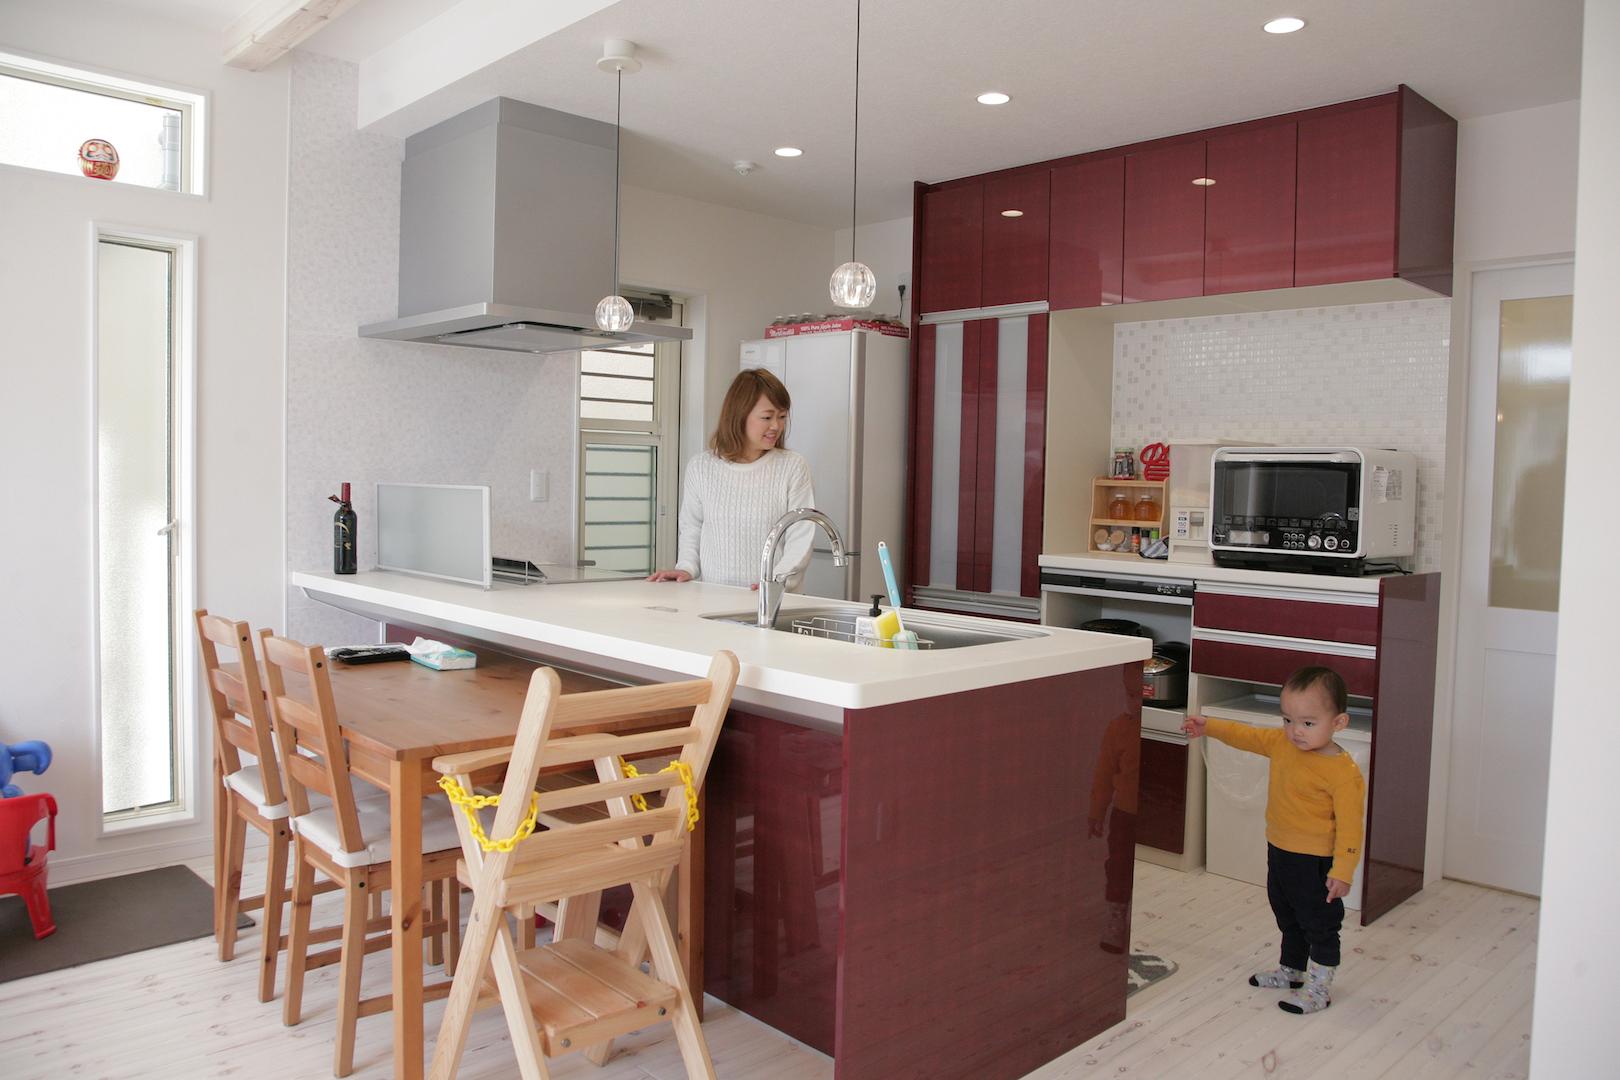 省燃費住宅 大洋工務店【デザイン住宅、子育て、自然素材】キッチンはオープンタイプを採用。赤が差し色に